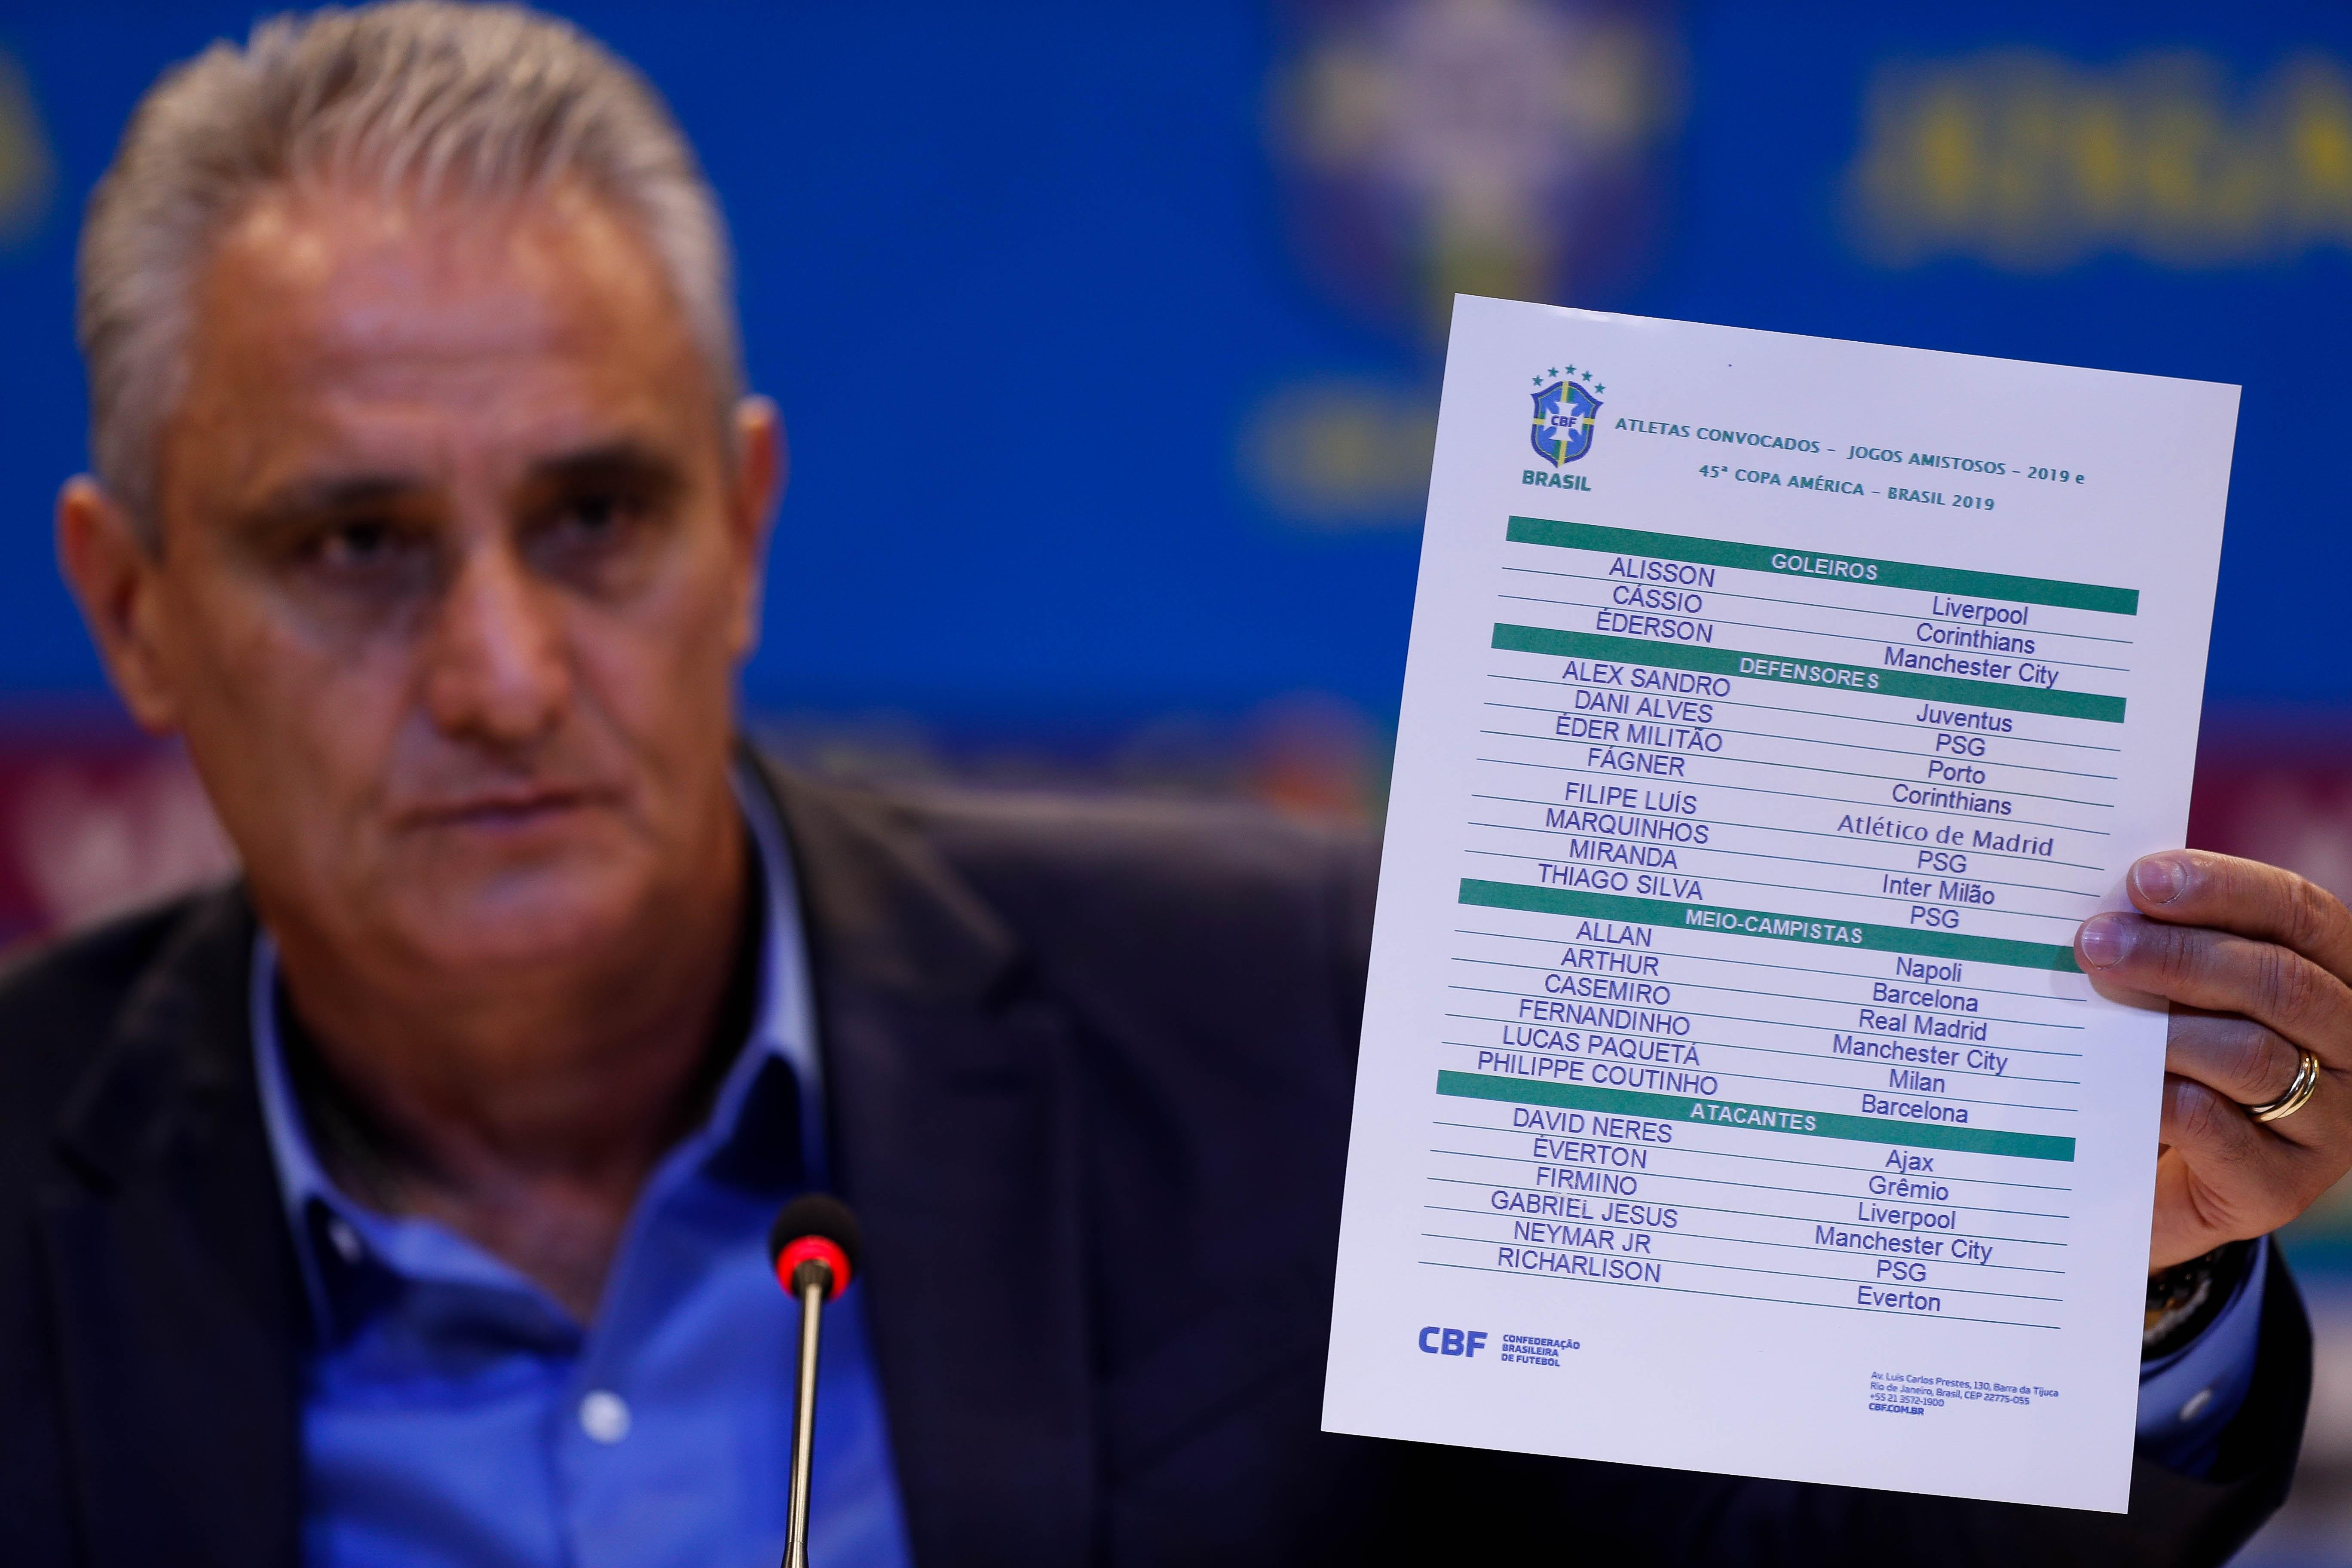 El seleccionador brasileño, Tite, anuncia hoy, viernes la lista de convocados para la Copa América 2019, que se disputará en junio y julio próximo en Brasil durante un evento en Río de Janeiro. (Foto Prensa Libre: EFE)